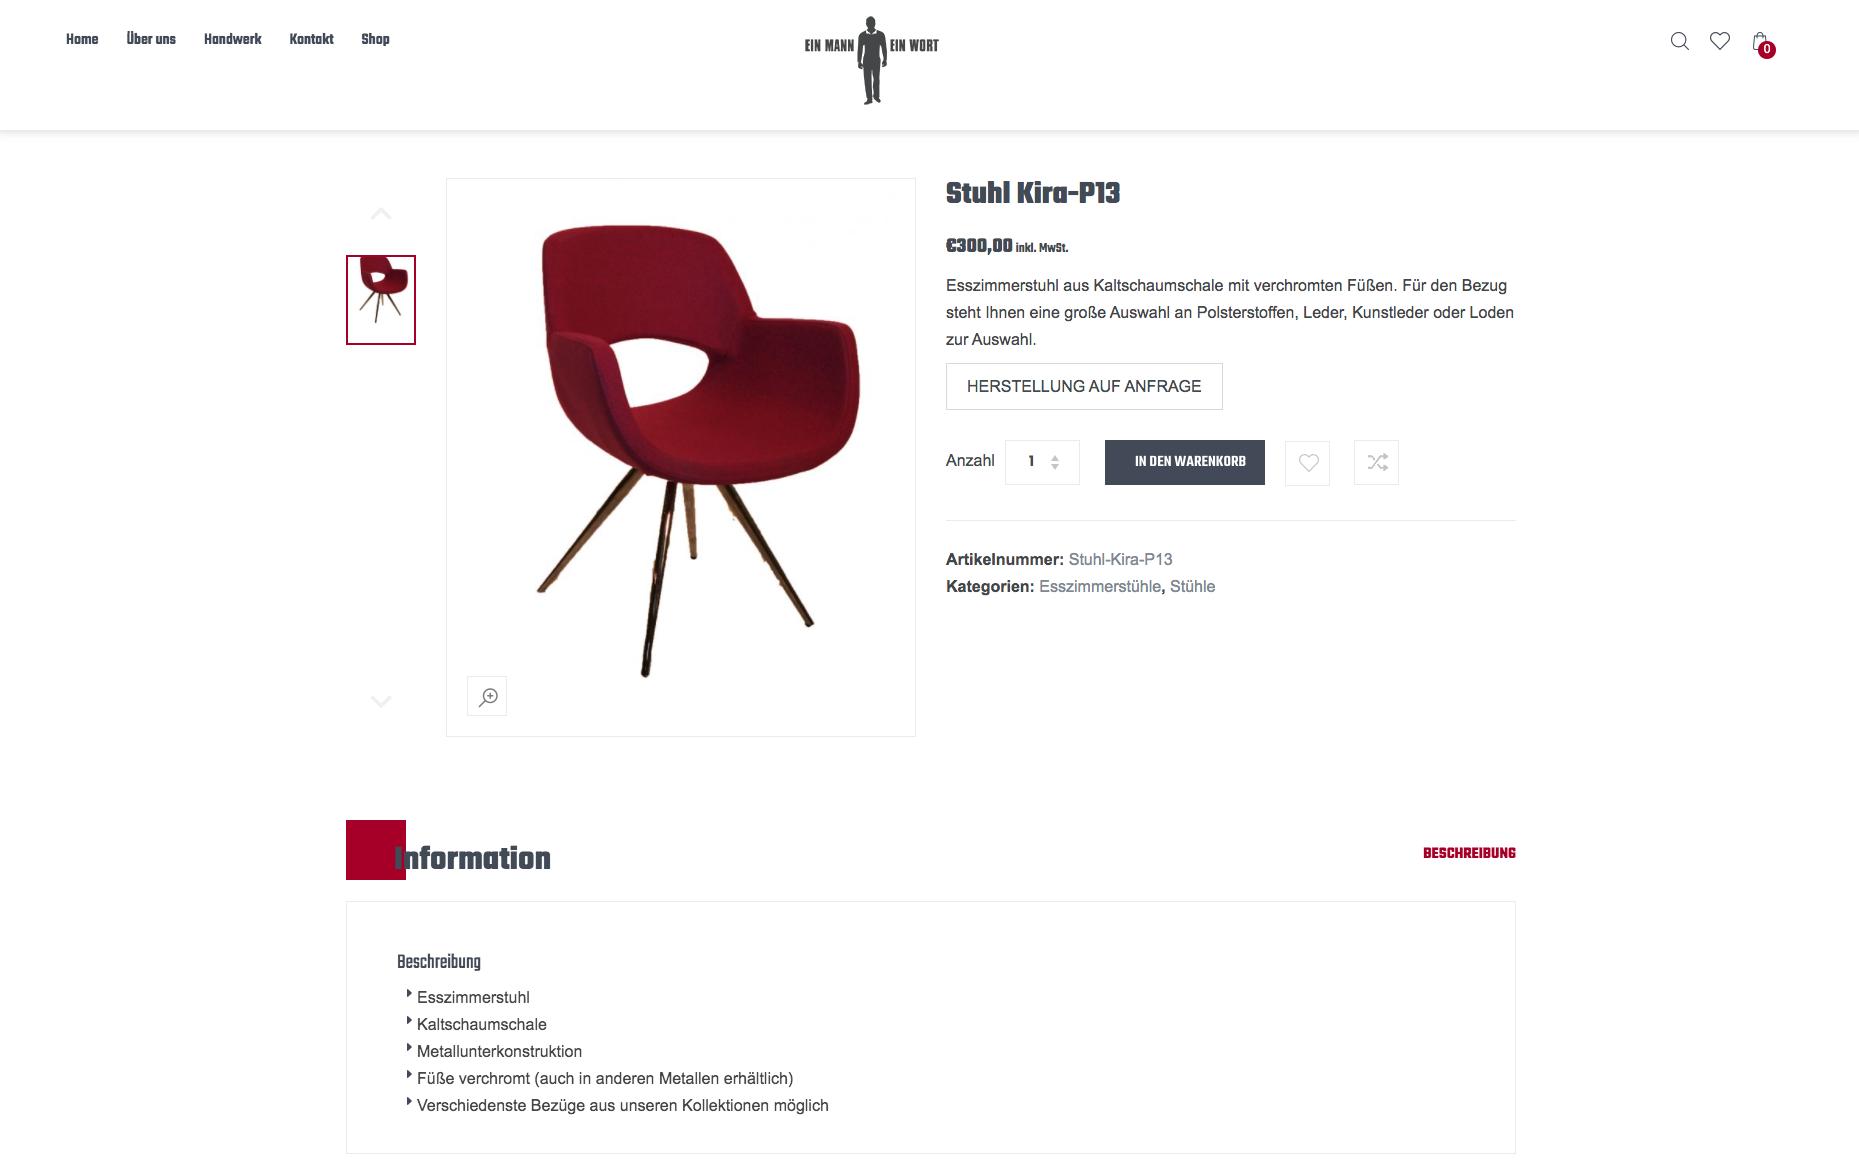 Produktansicht eines roten Stuhls im Ein Mann Ein Wort Onlineshop.